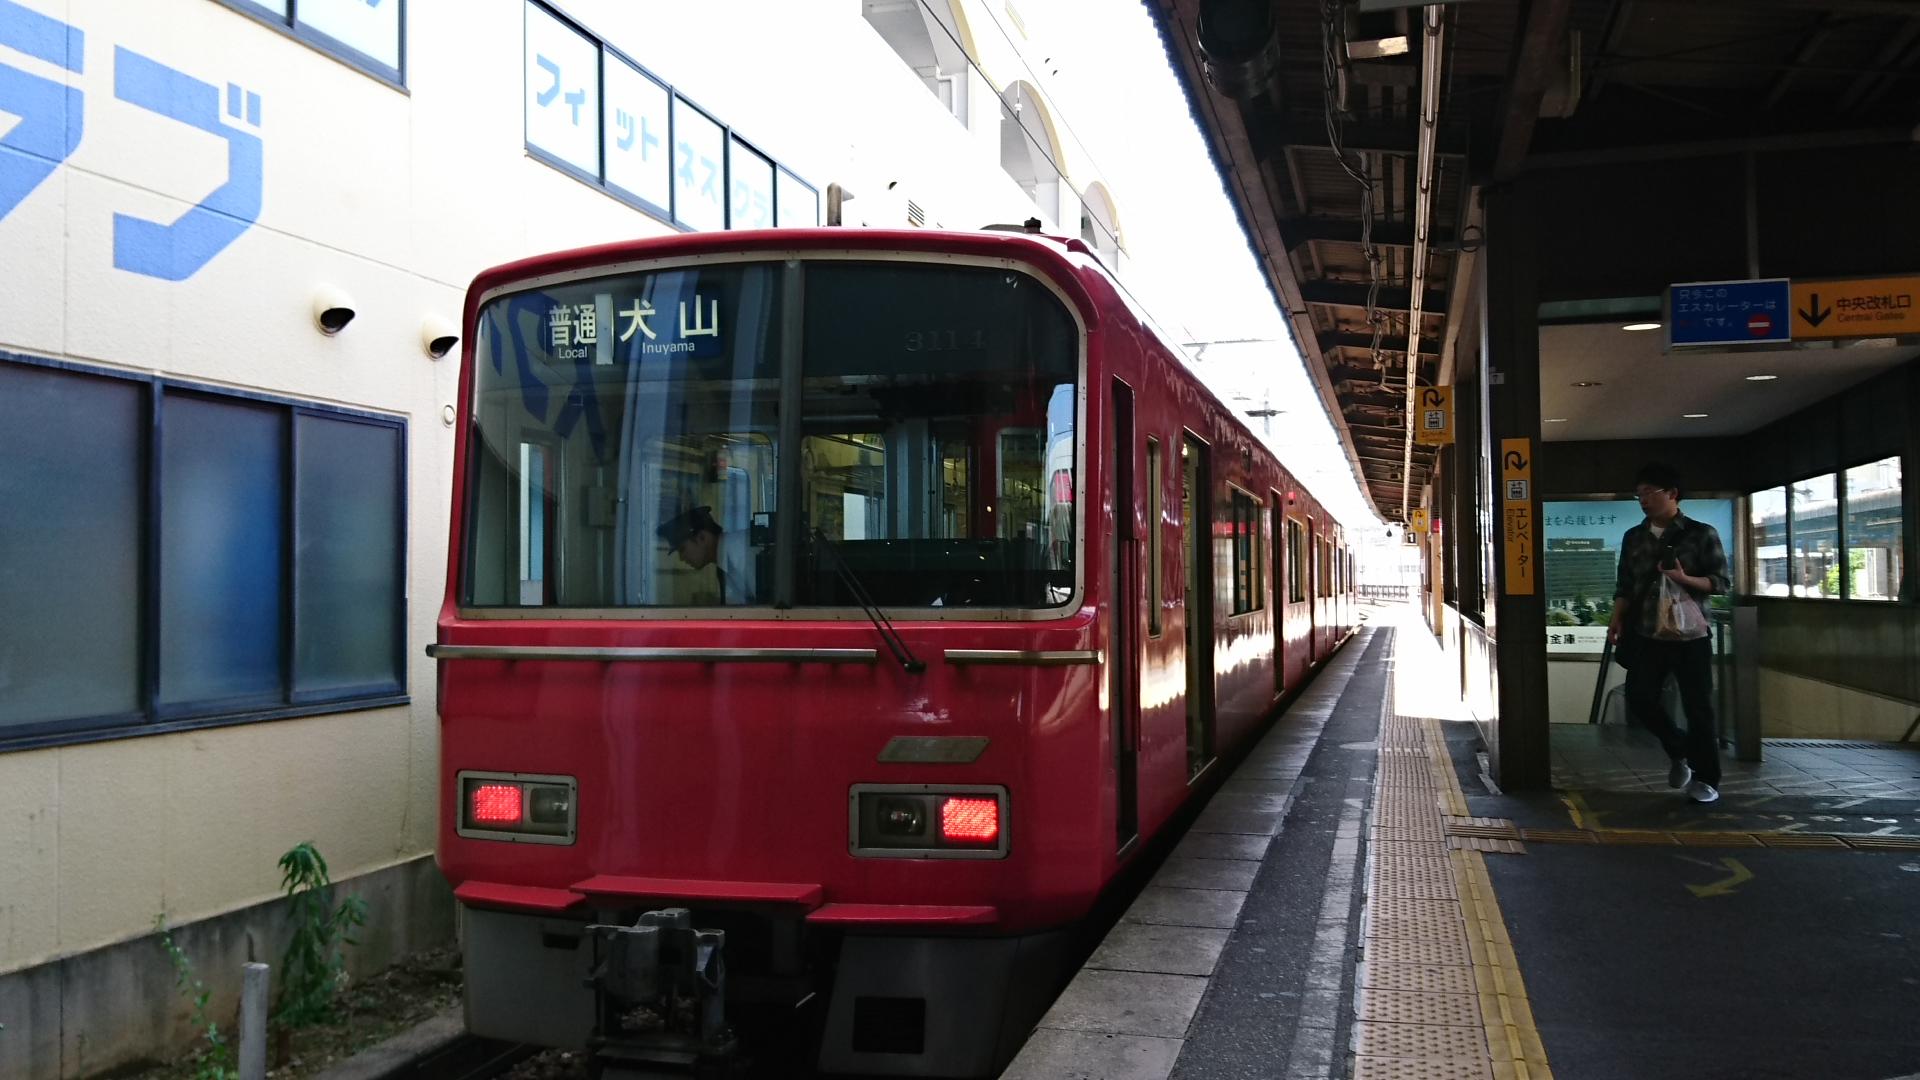 2018.5.14 犬山いきふつう (2) 東岡崎(うしろ) 1920-1080